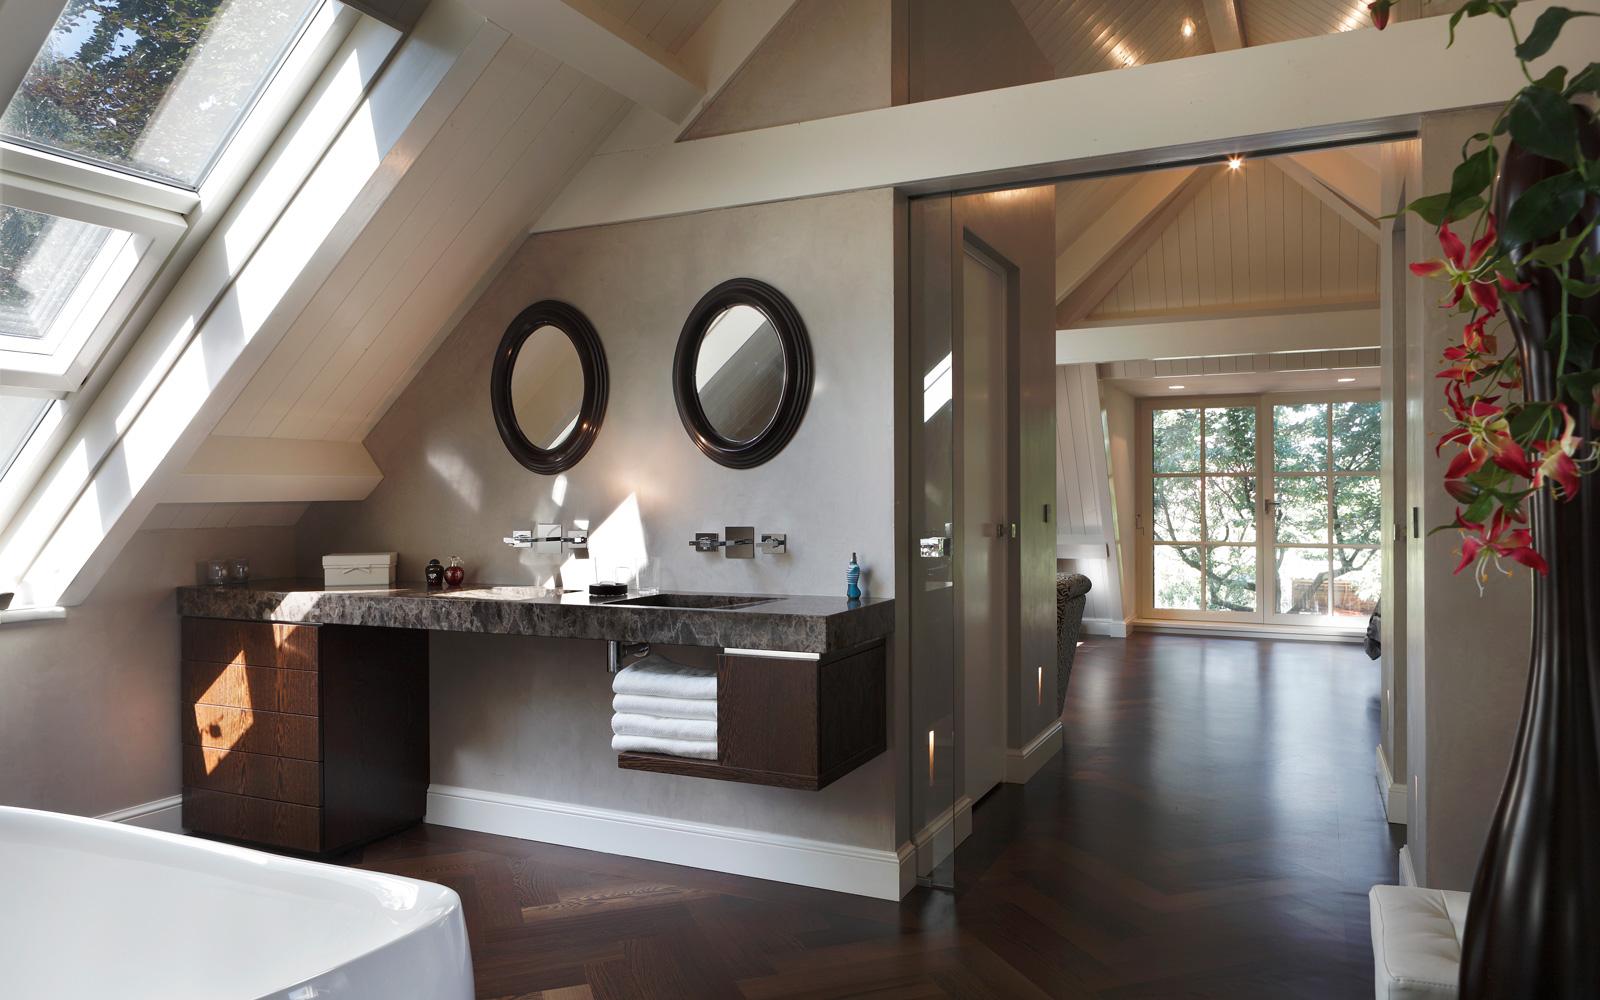 Badkamer, sanitair, ronde spiegels, wastafel, bad, verbouwing woonboerderij, Marco Daverveld